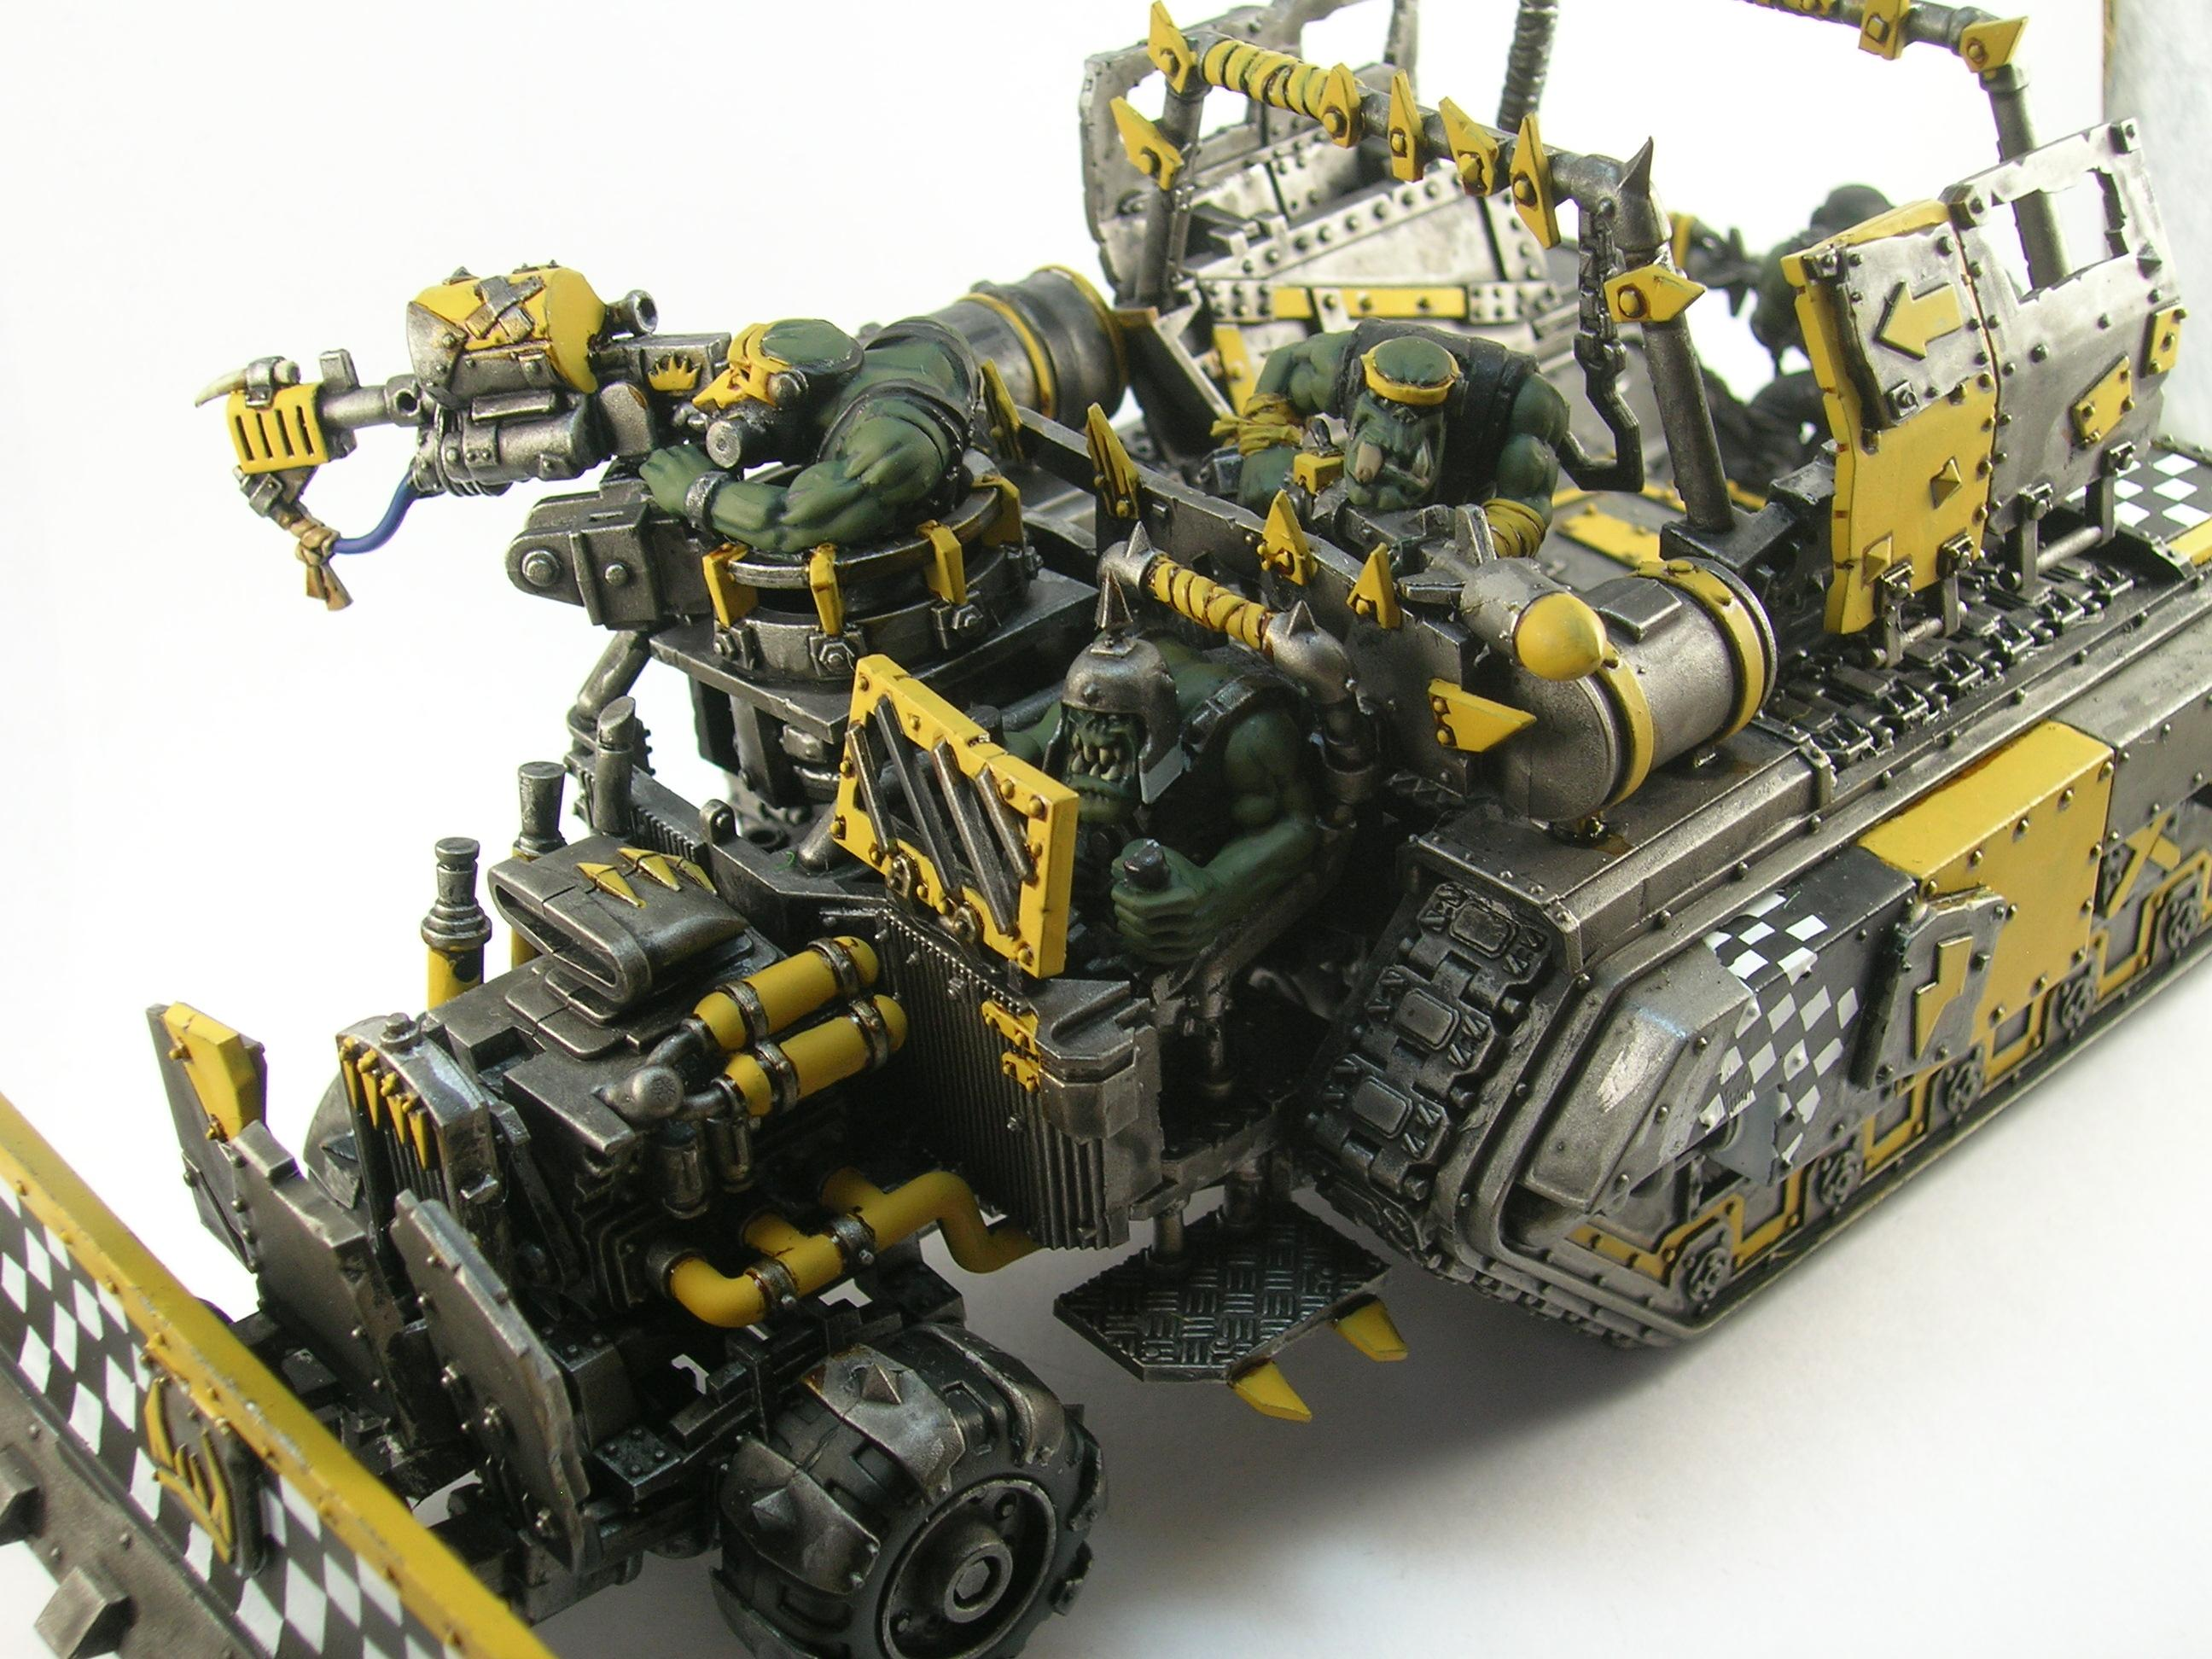 Bad Moons, Looted Wagon, Orks, Warhammer 40,000